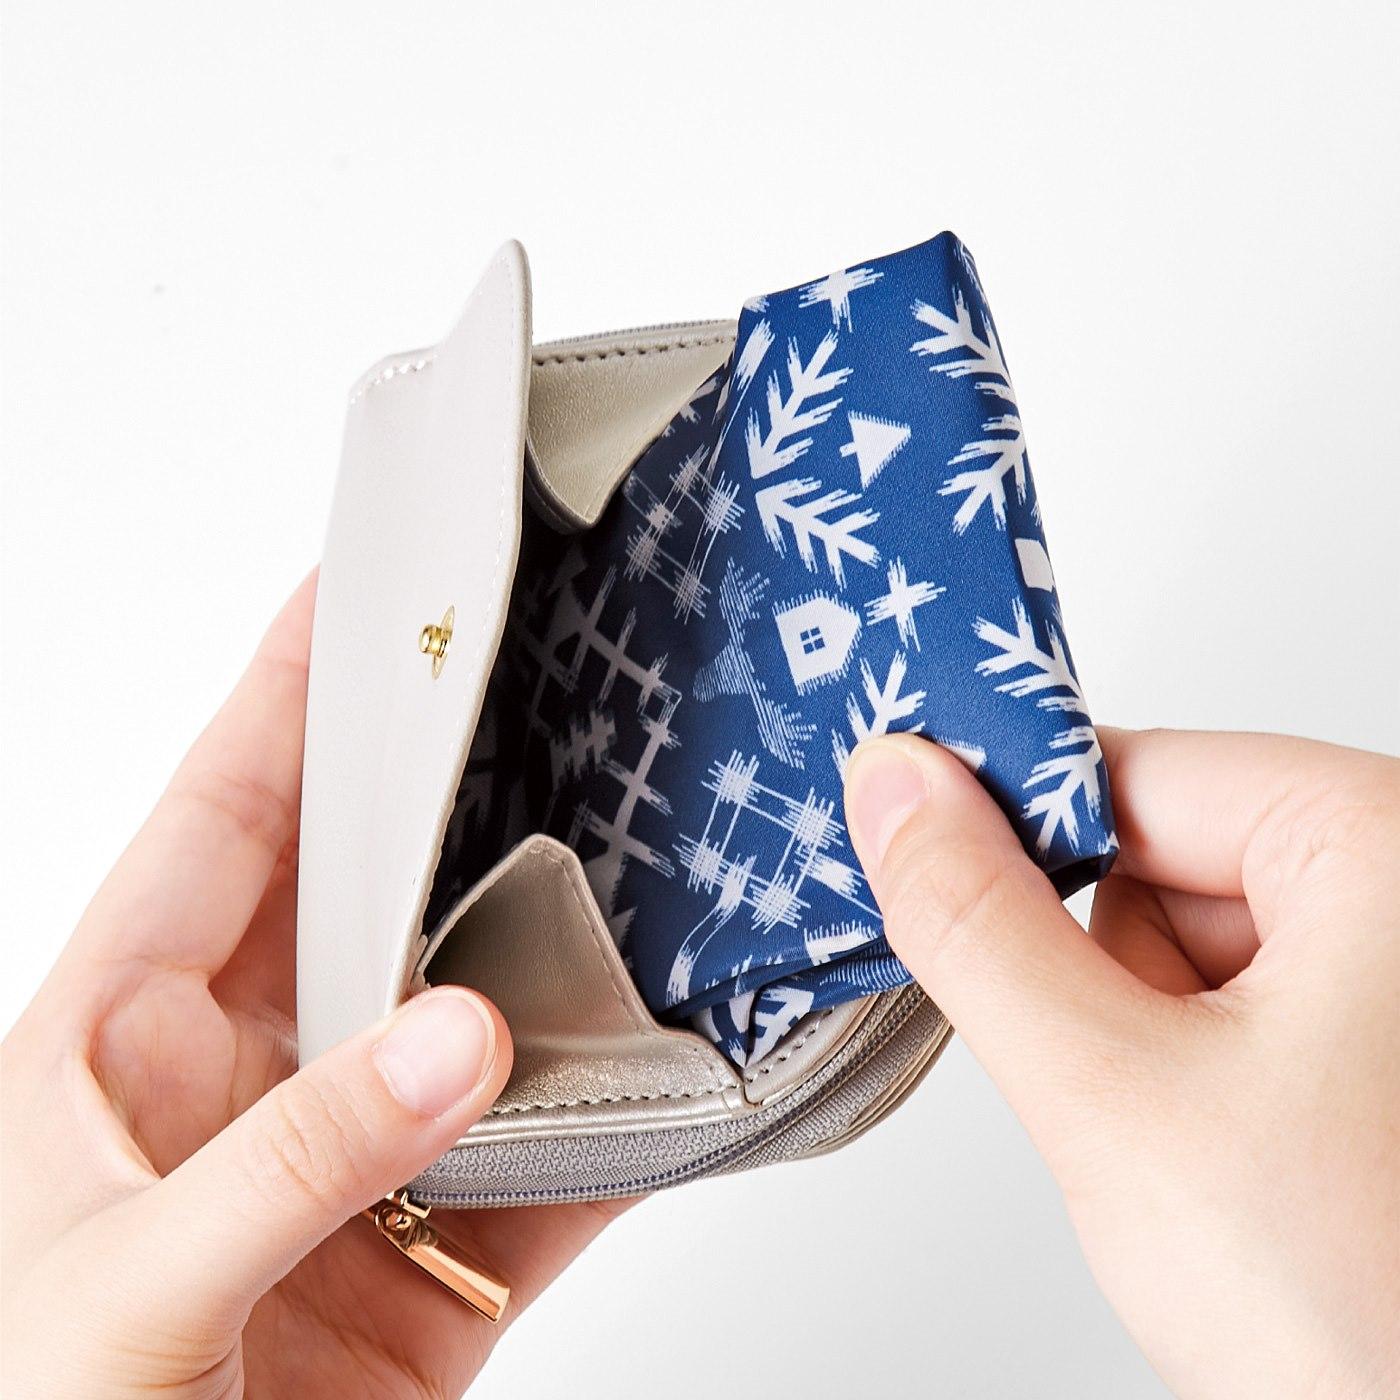 Kraso[クラソ] SAANA JA OLLI サーナ ヤ オッリ ミニエコバッグと収納ポケット付きの二つ折り財布の会 エコバッグをすっきり収納できます。